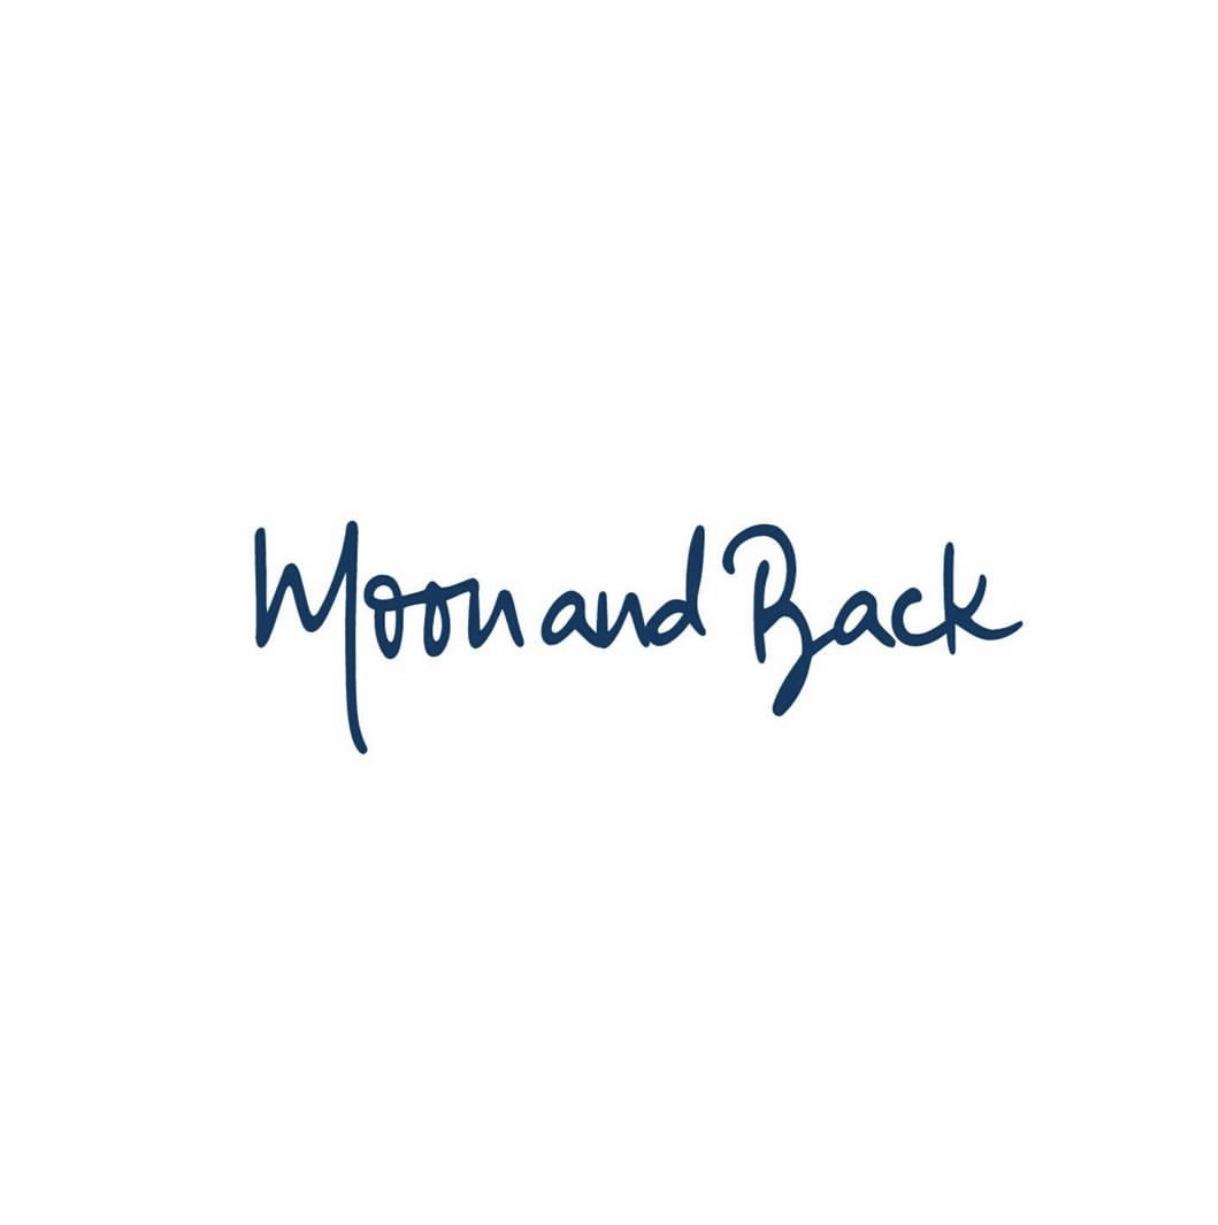 moonandback